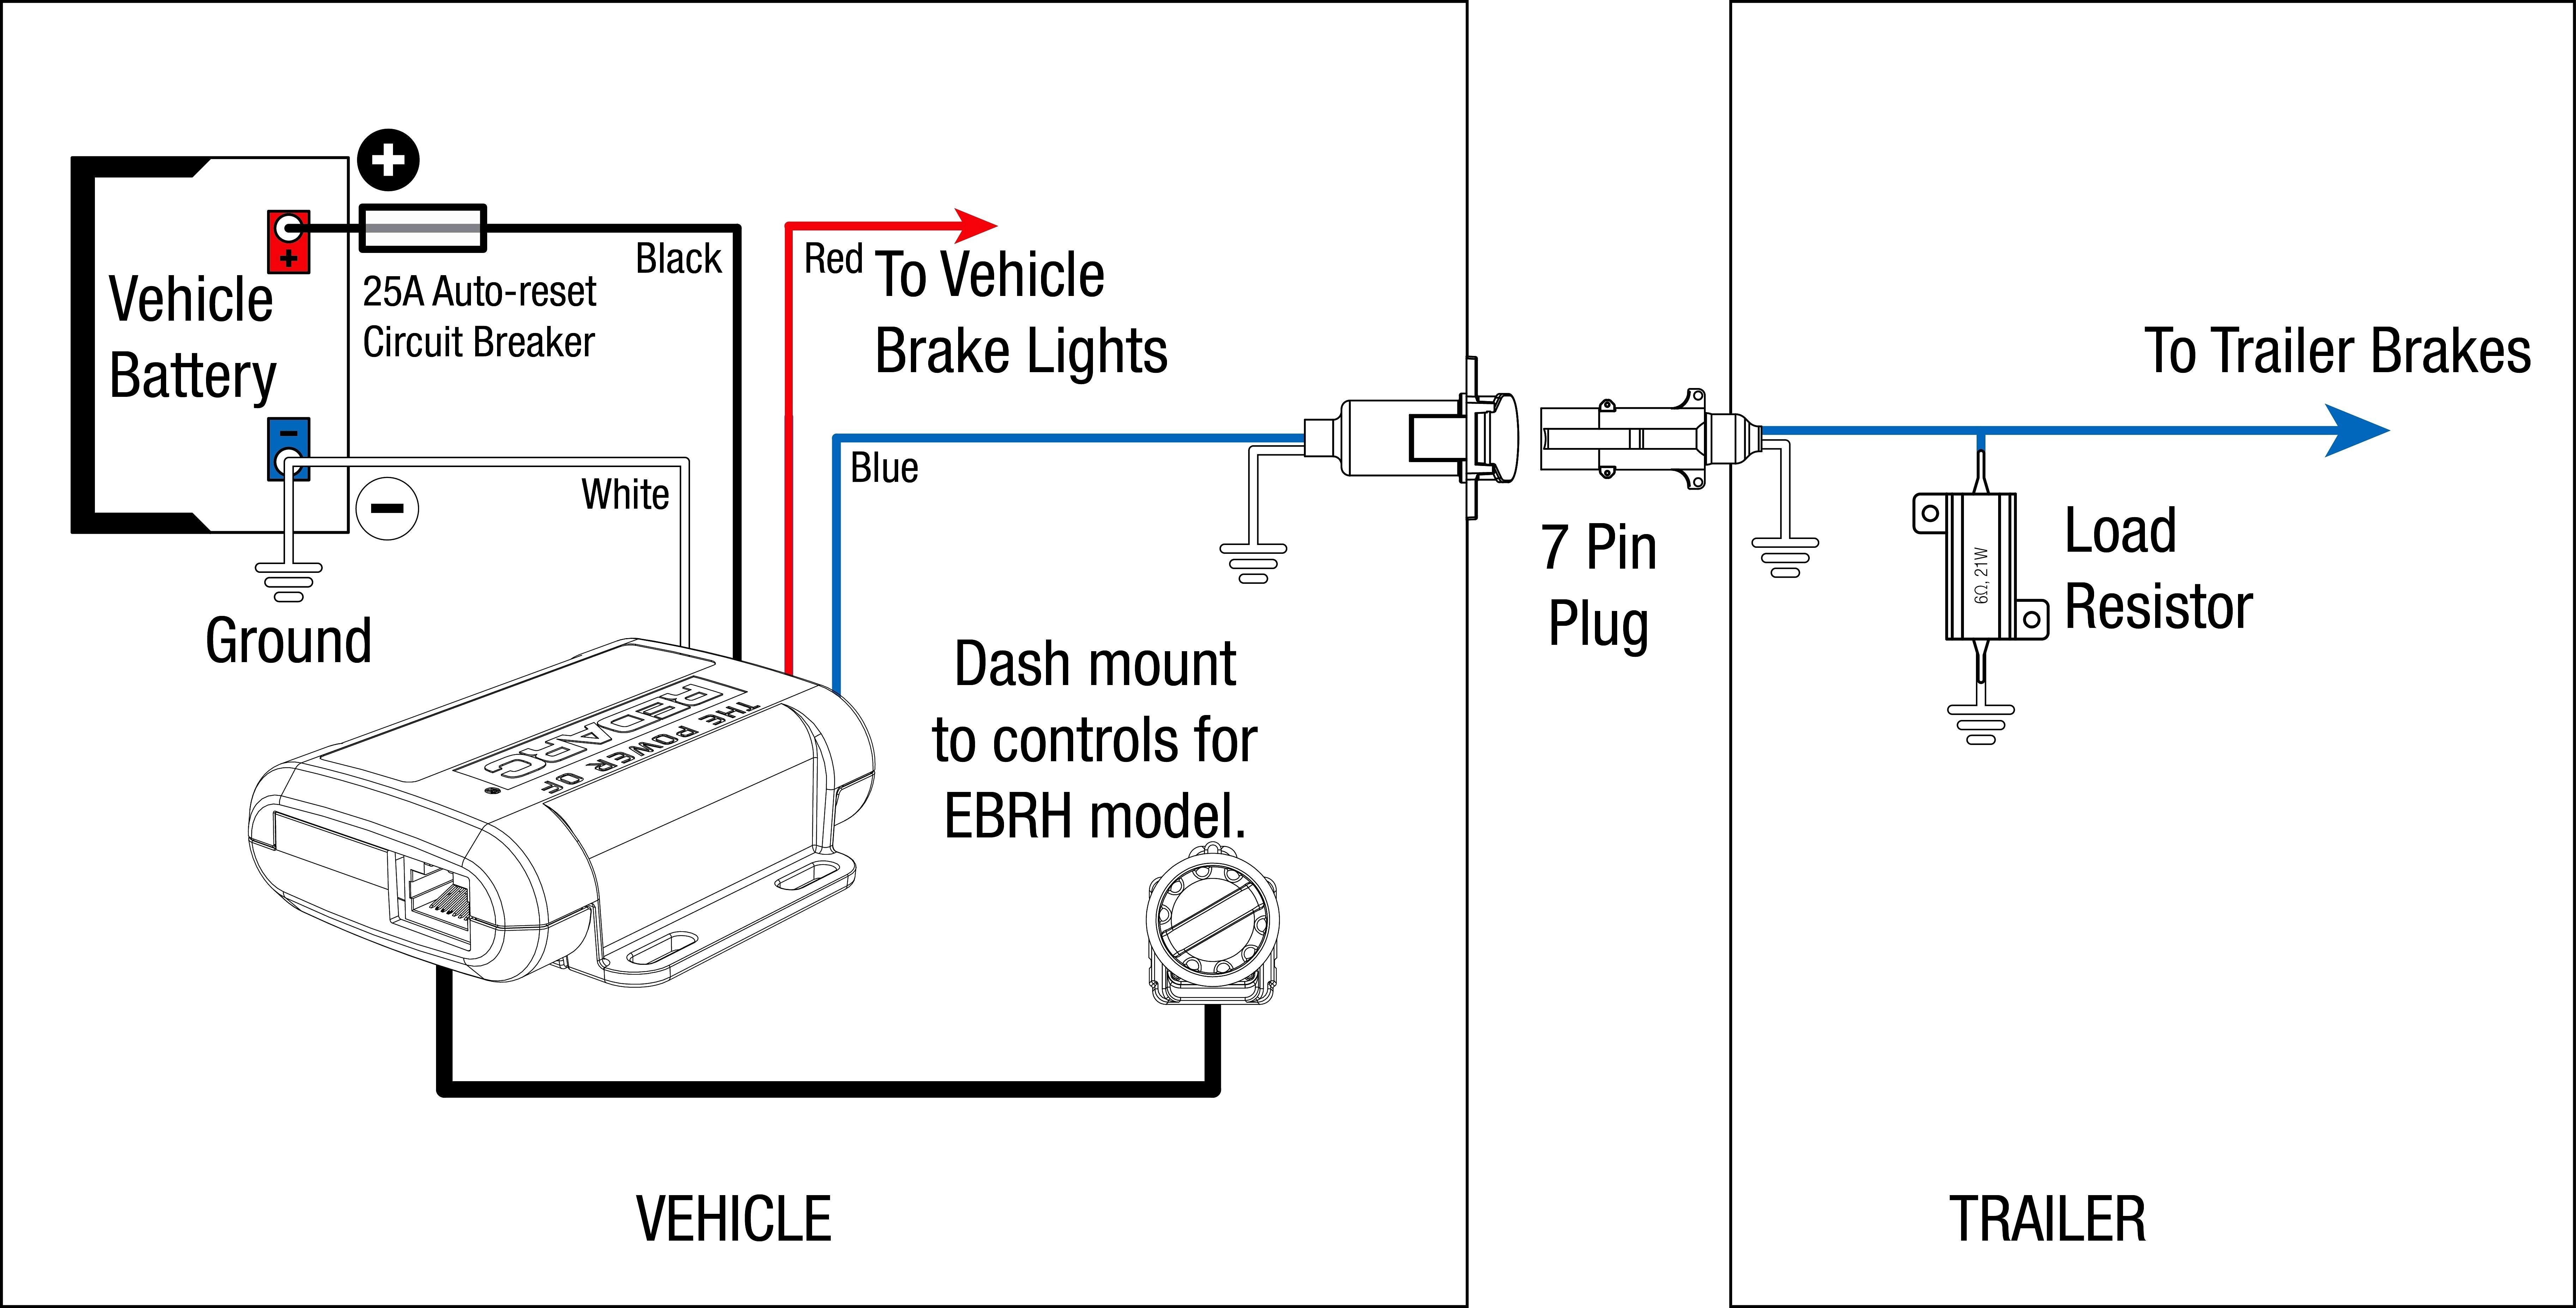 Tekonsha Voyager Brake Controller Wiring Diagram Tekonsha Wiring Diagram Trailer Brake Controller In Caravan Fair Of Tekonsha Voyager Brake Controller Wiring Diagram